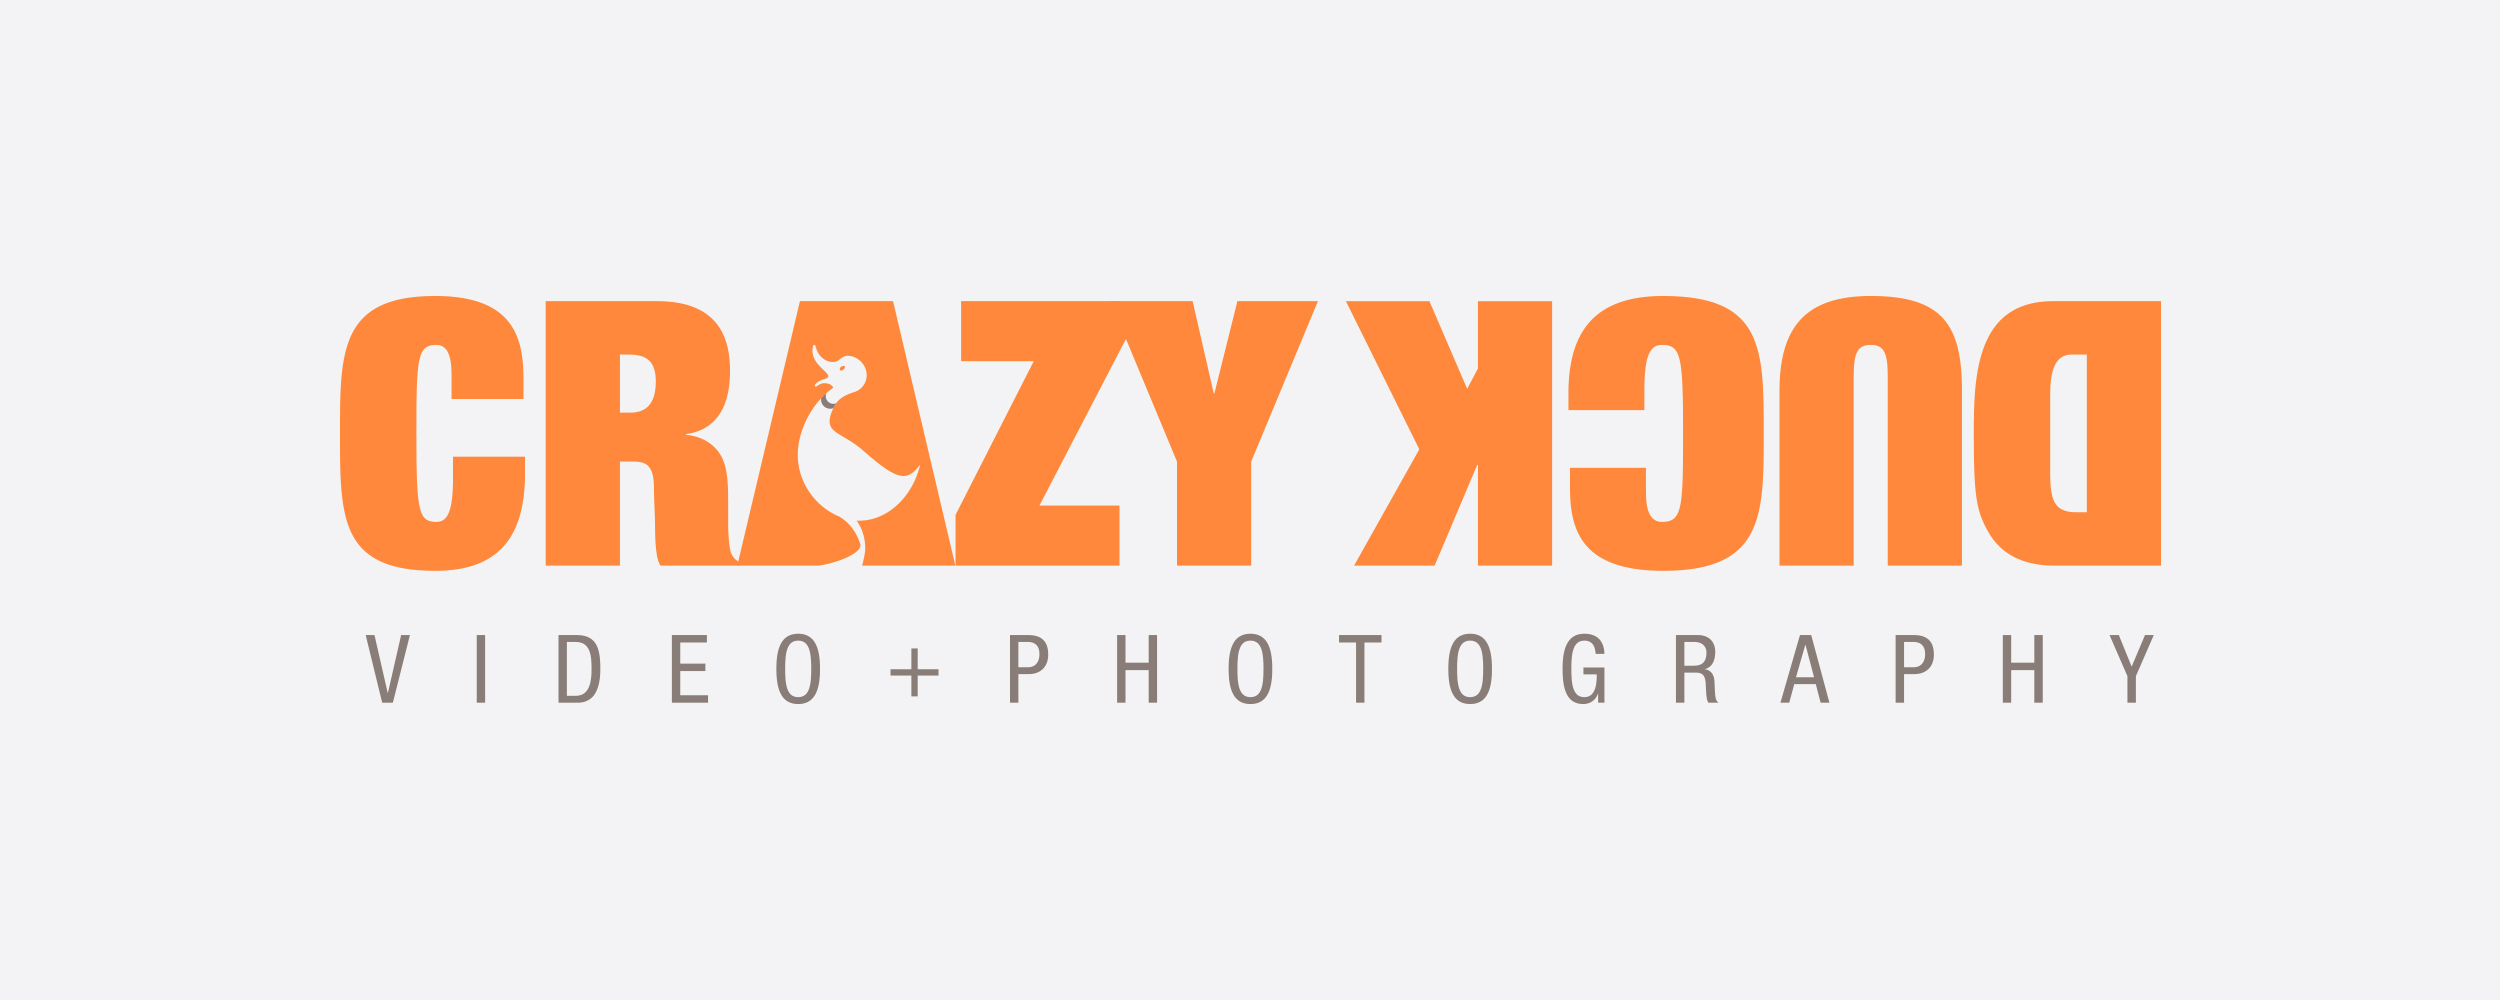 work_project-crazyduck-01.jpg